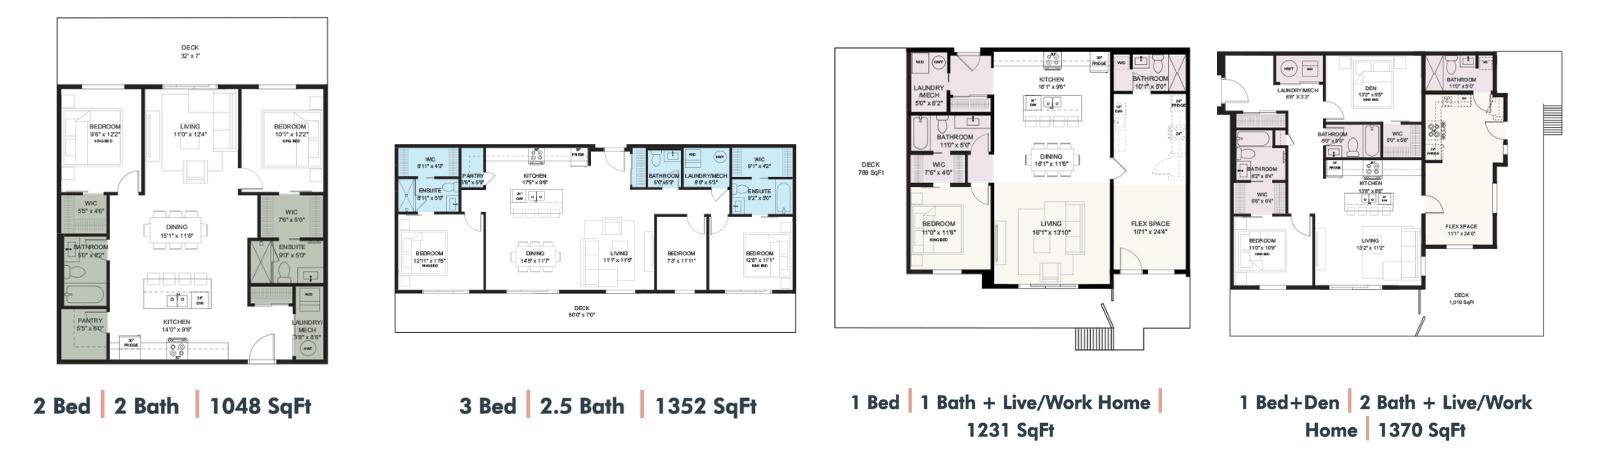 Cawston Condo Floor Plans 3